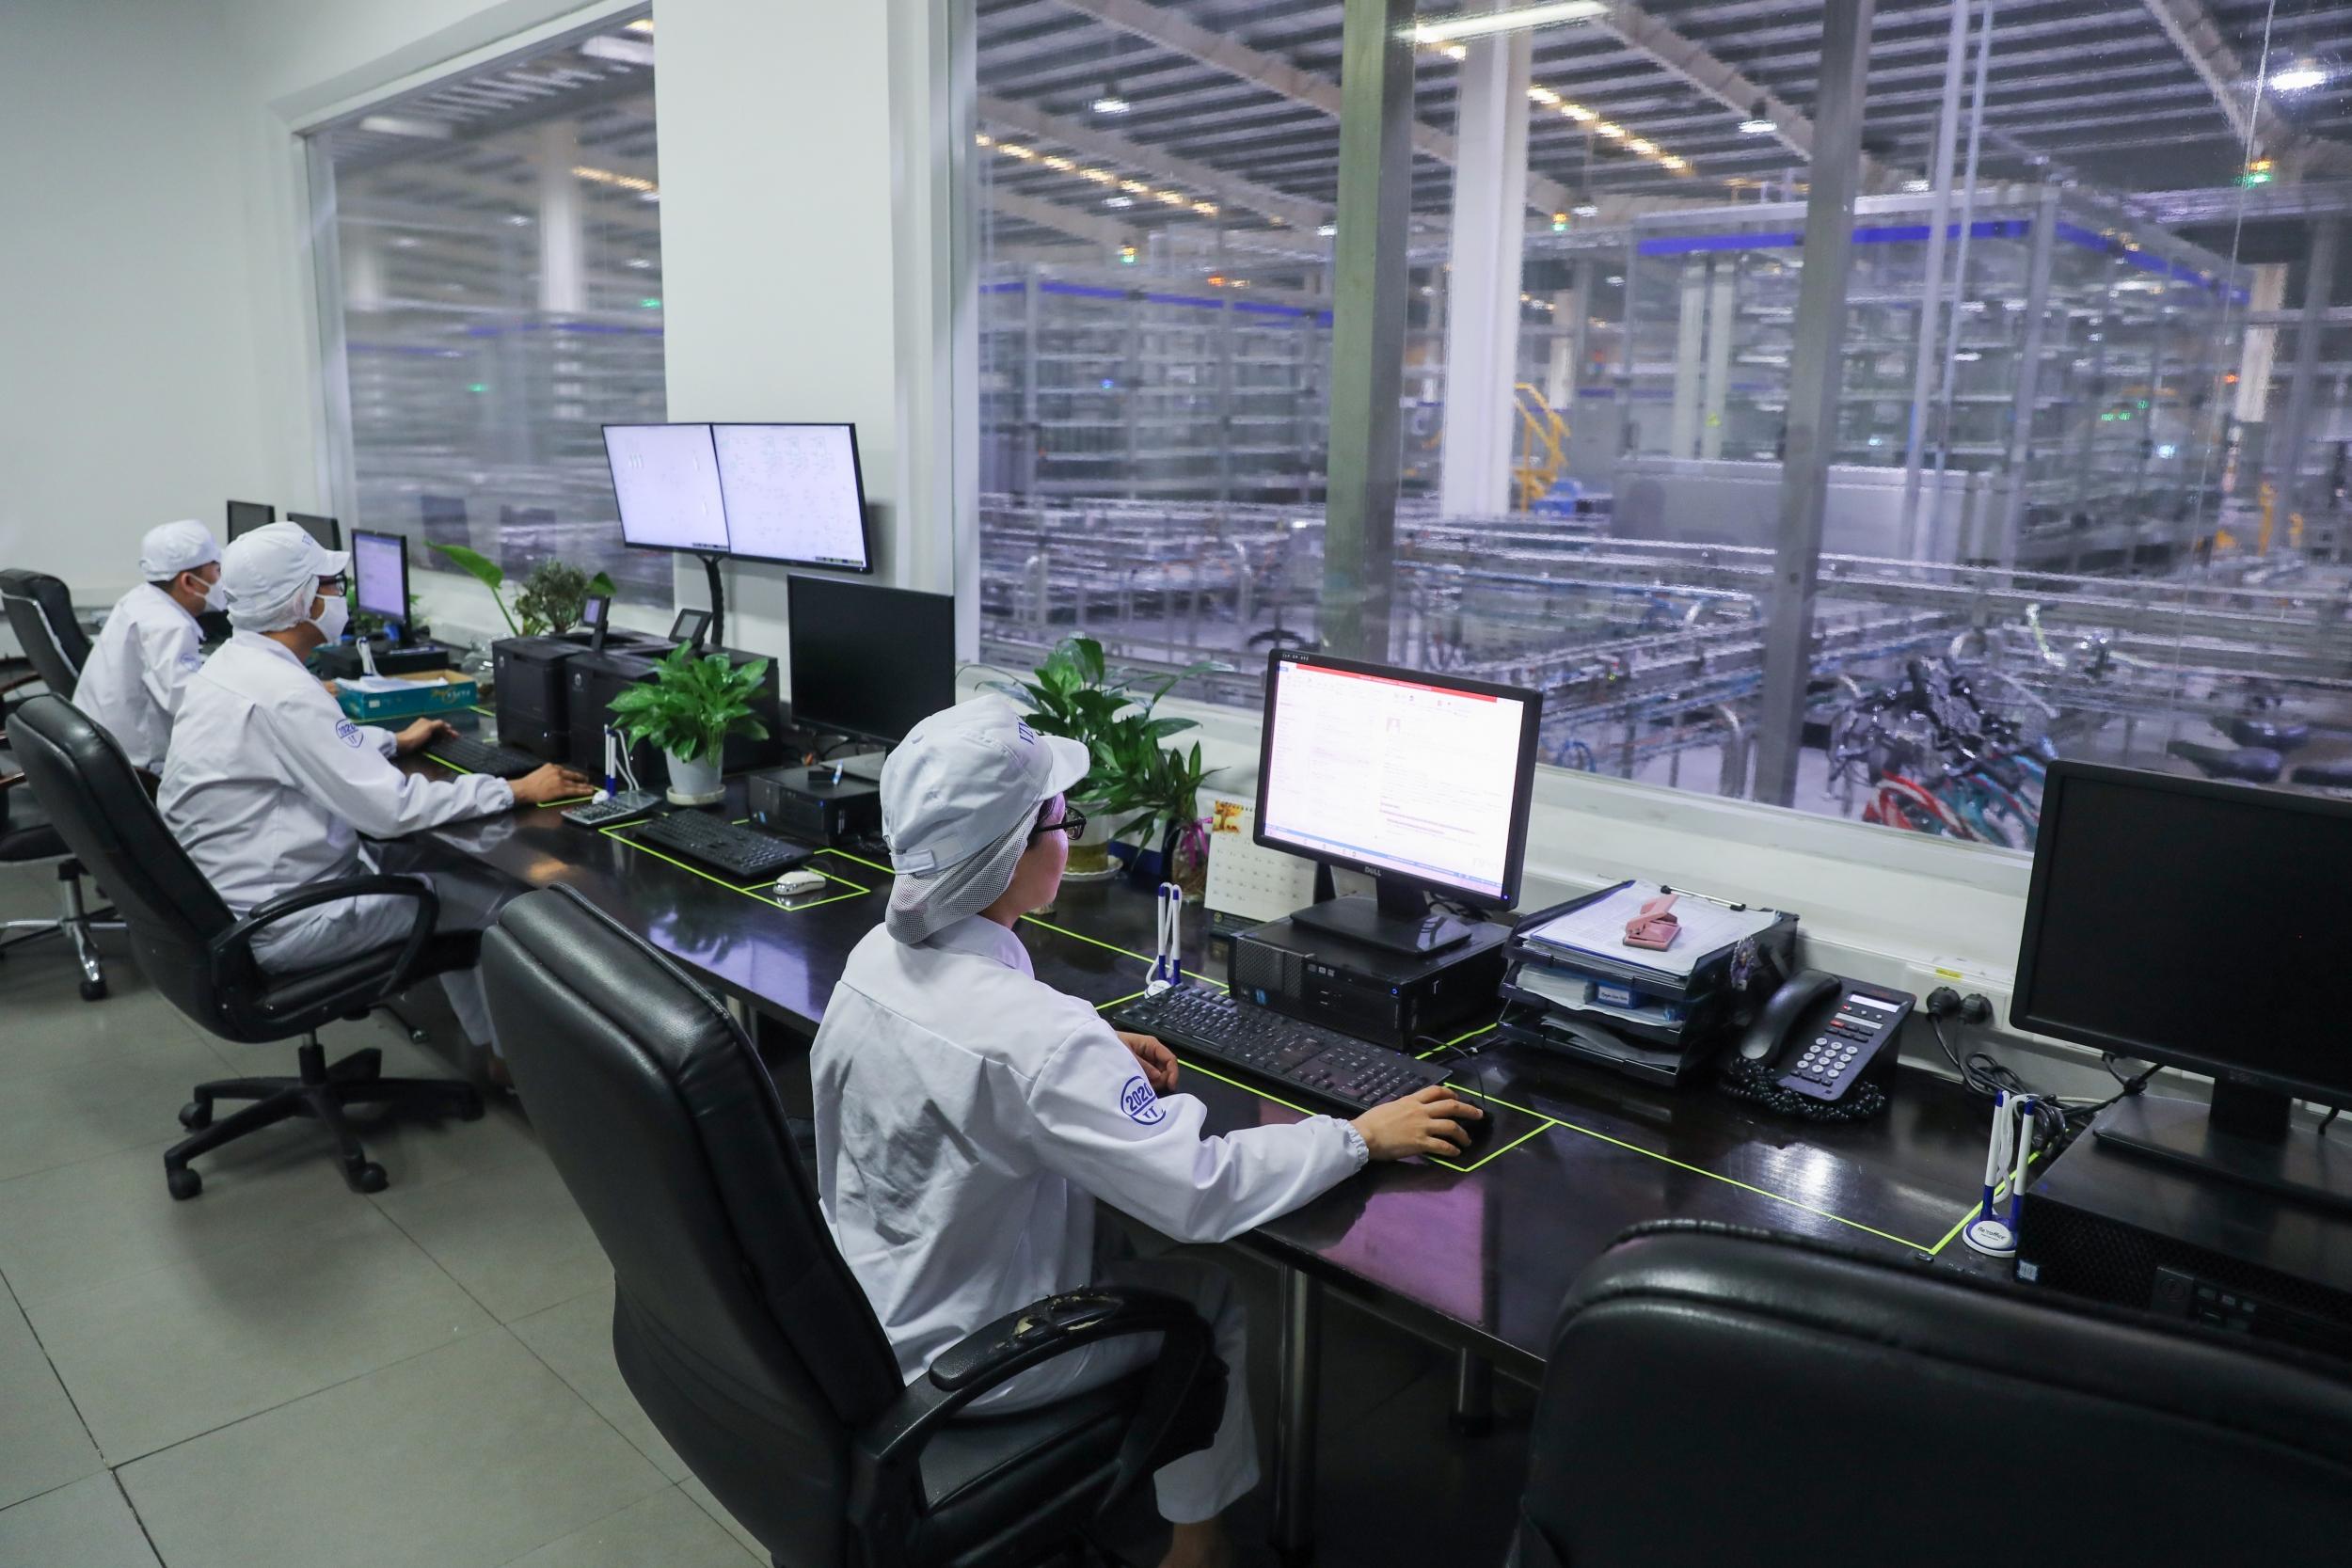 Các nhân viên tại nhà máy Vinamilk ở Bình Dương đang vận hành dây chuyền sản xuất sữa hiện đại hoàn toàn tự động hóa qua hệ thống máy tính.